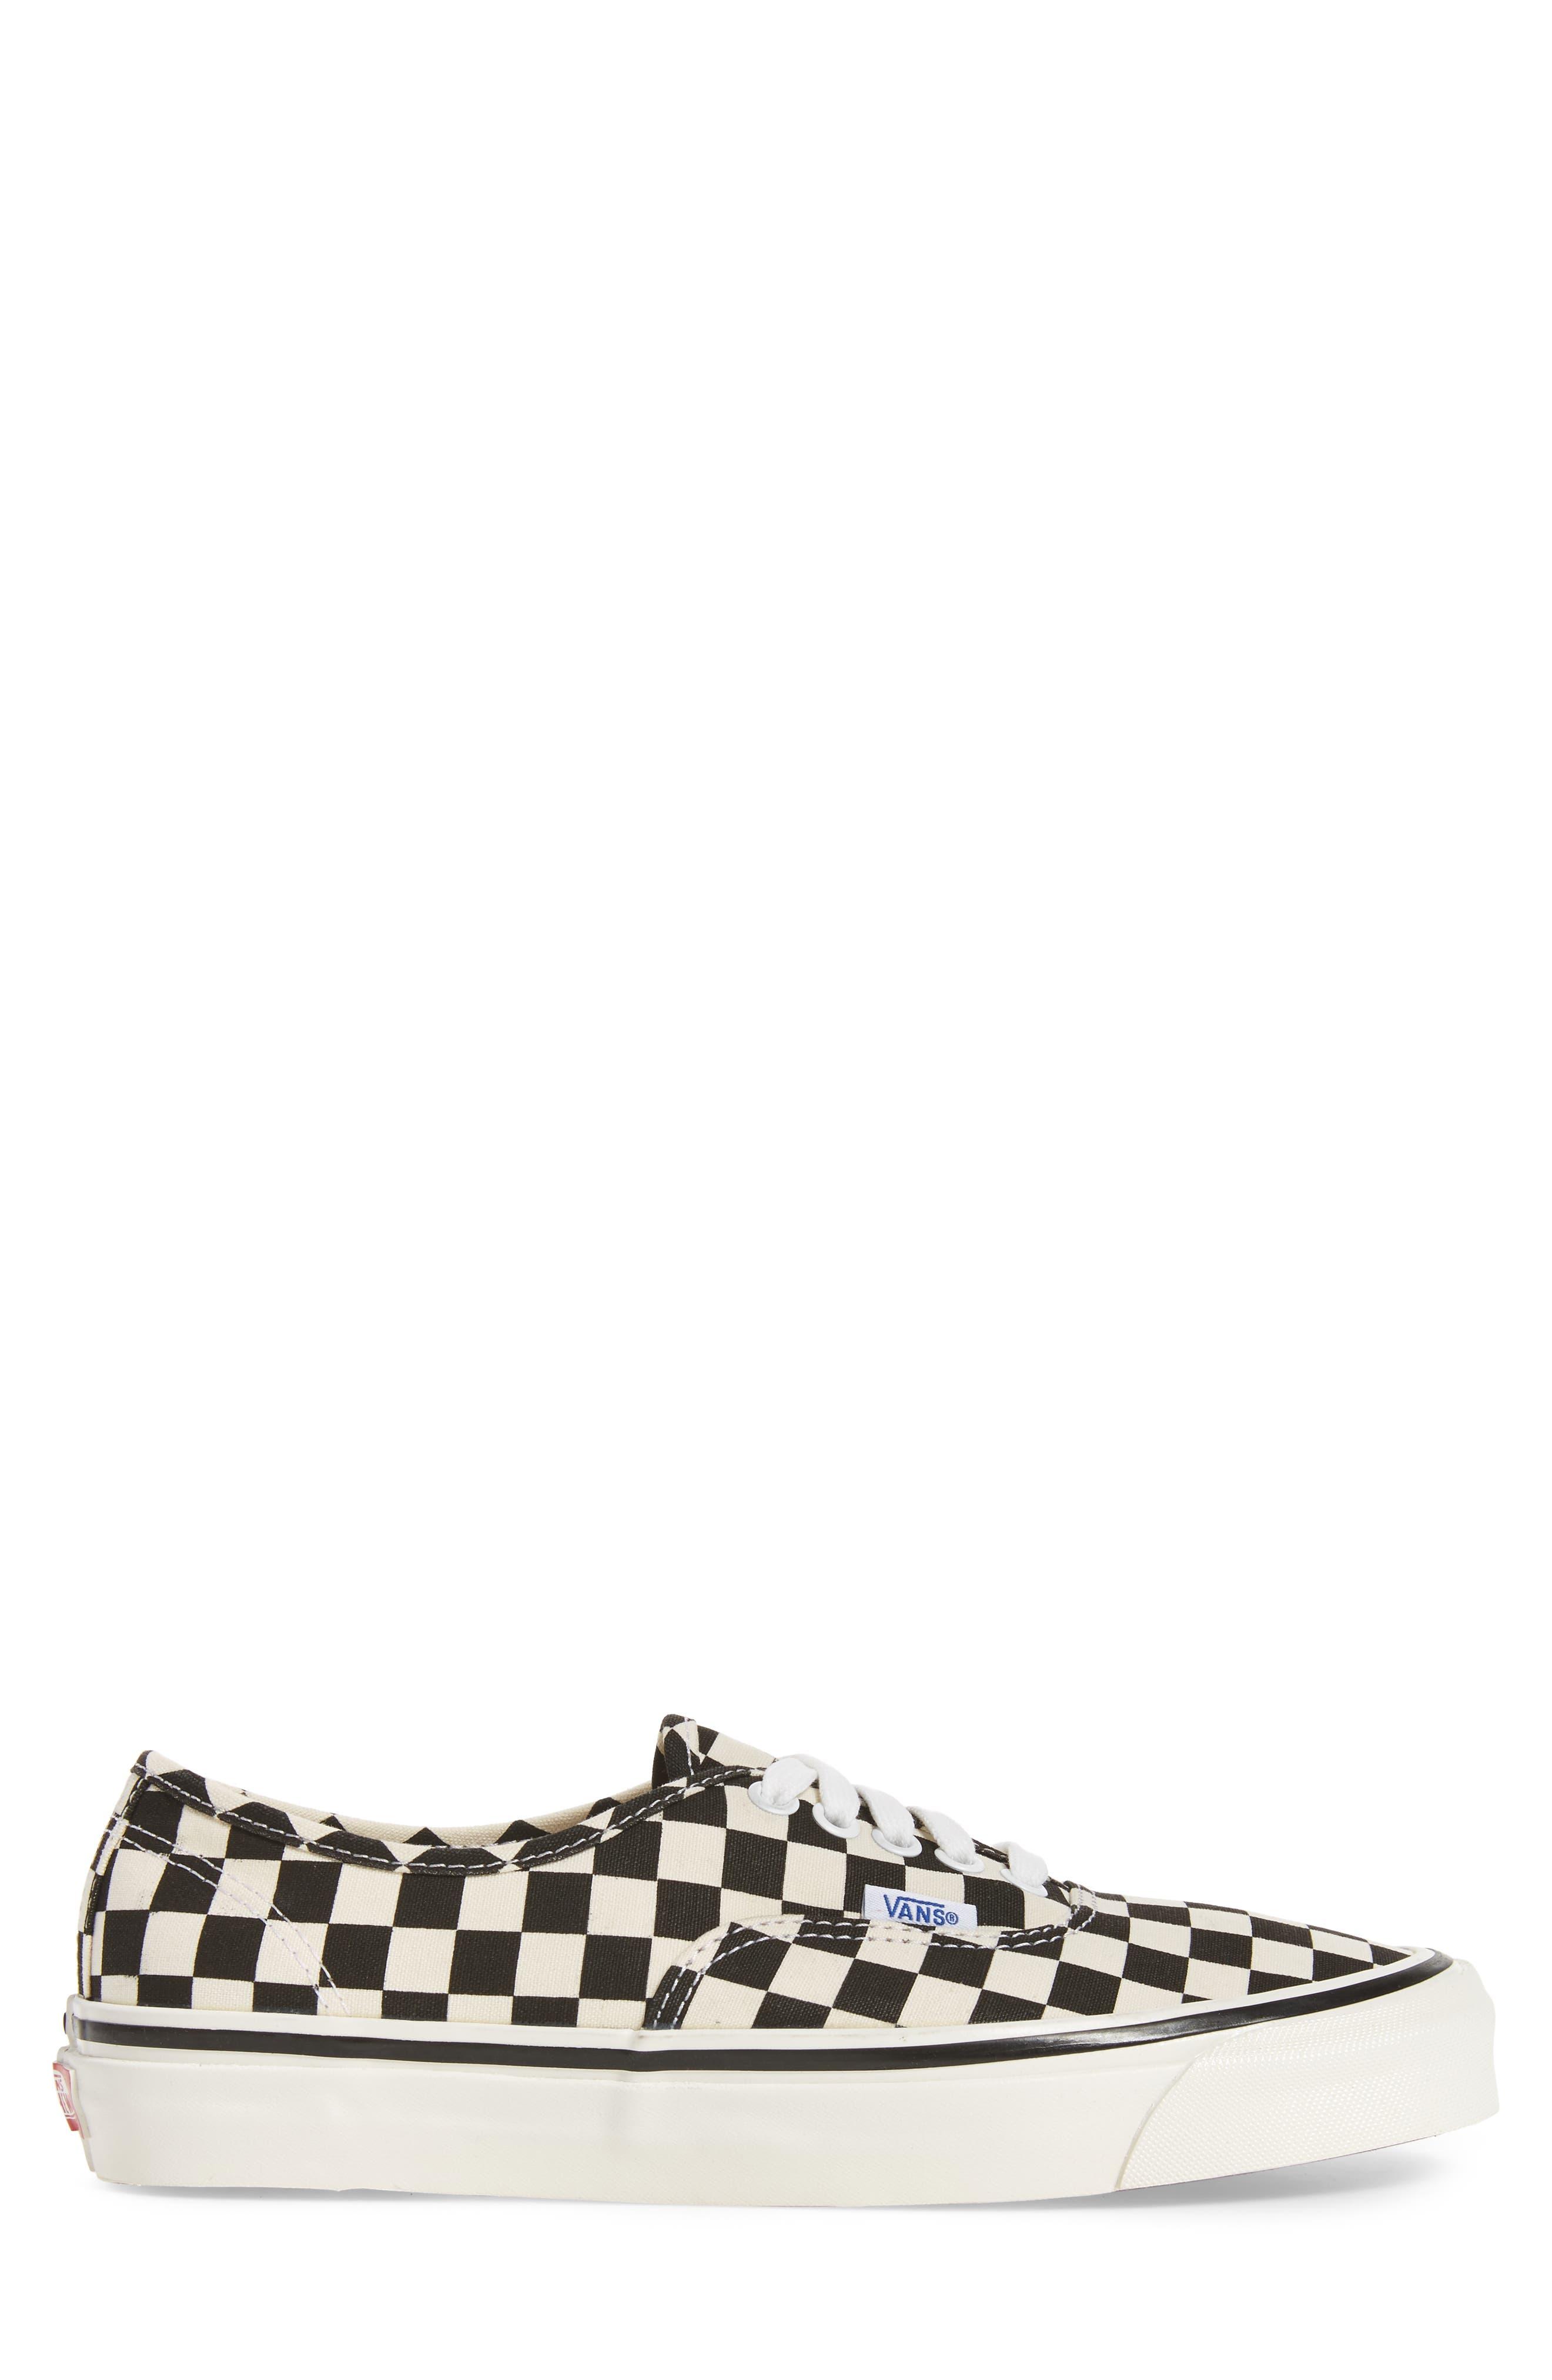 UA Authentic 44 DX Sneaker,                             Alternate thumbnail 3, color,                             Black/ Check Canvas